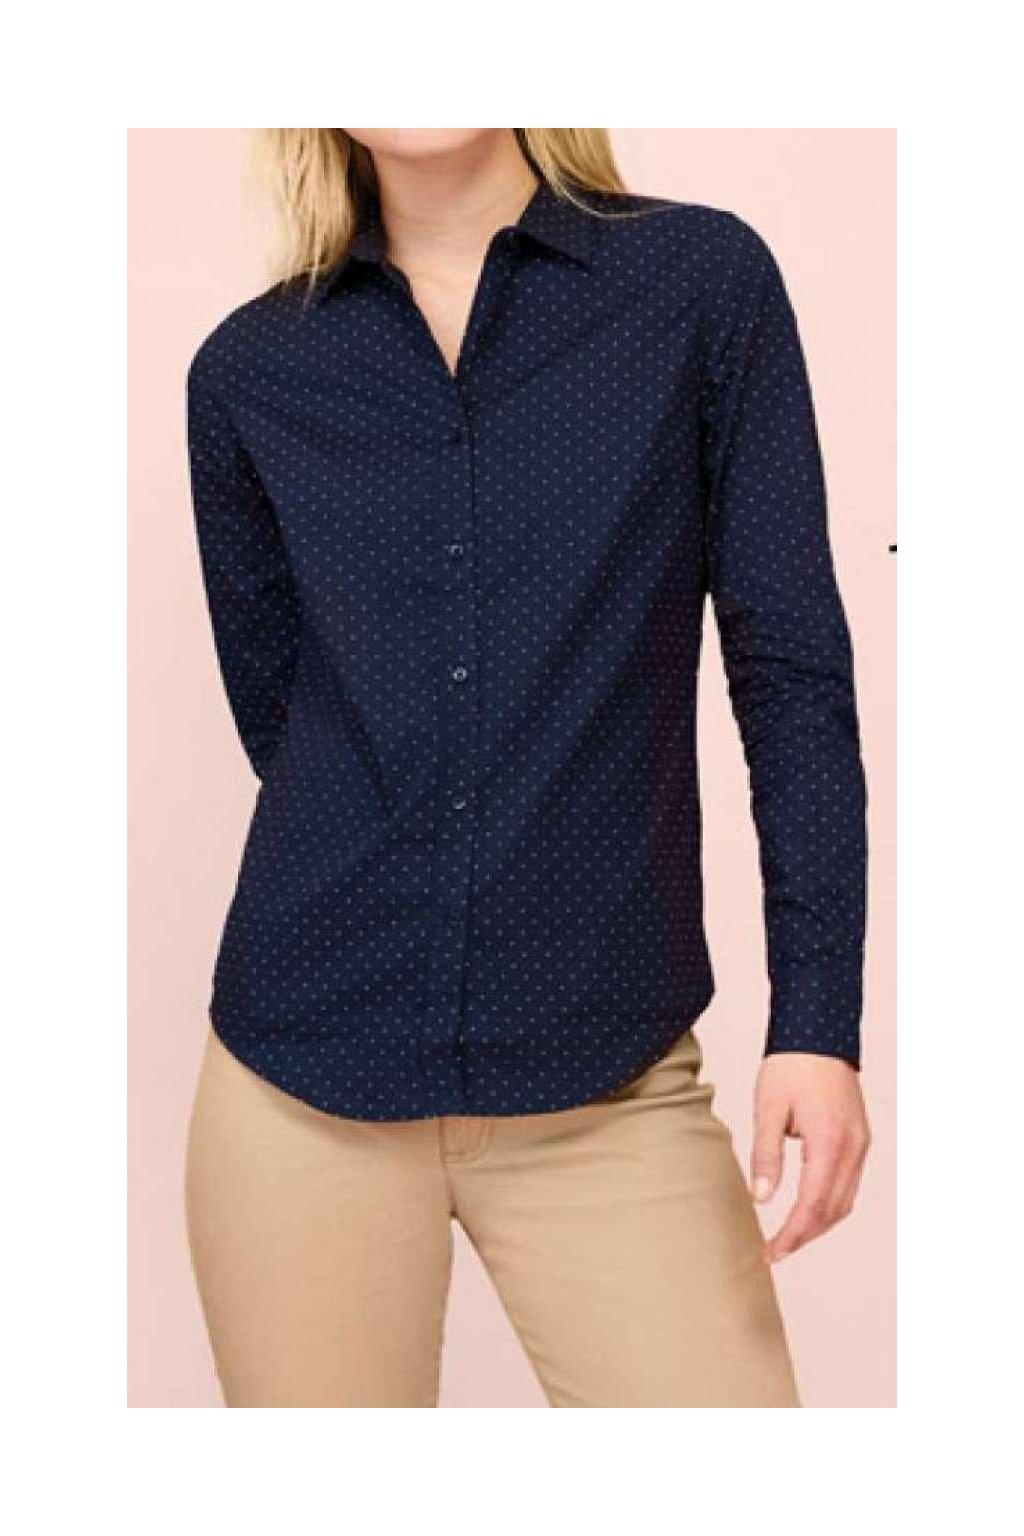 Dámská bavlněná košile s puntíkyBECKER